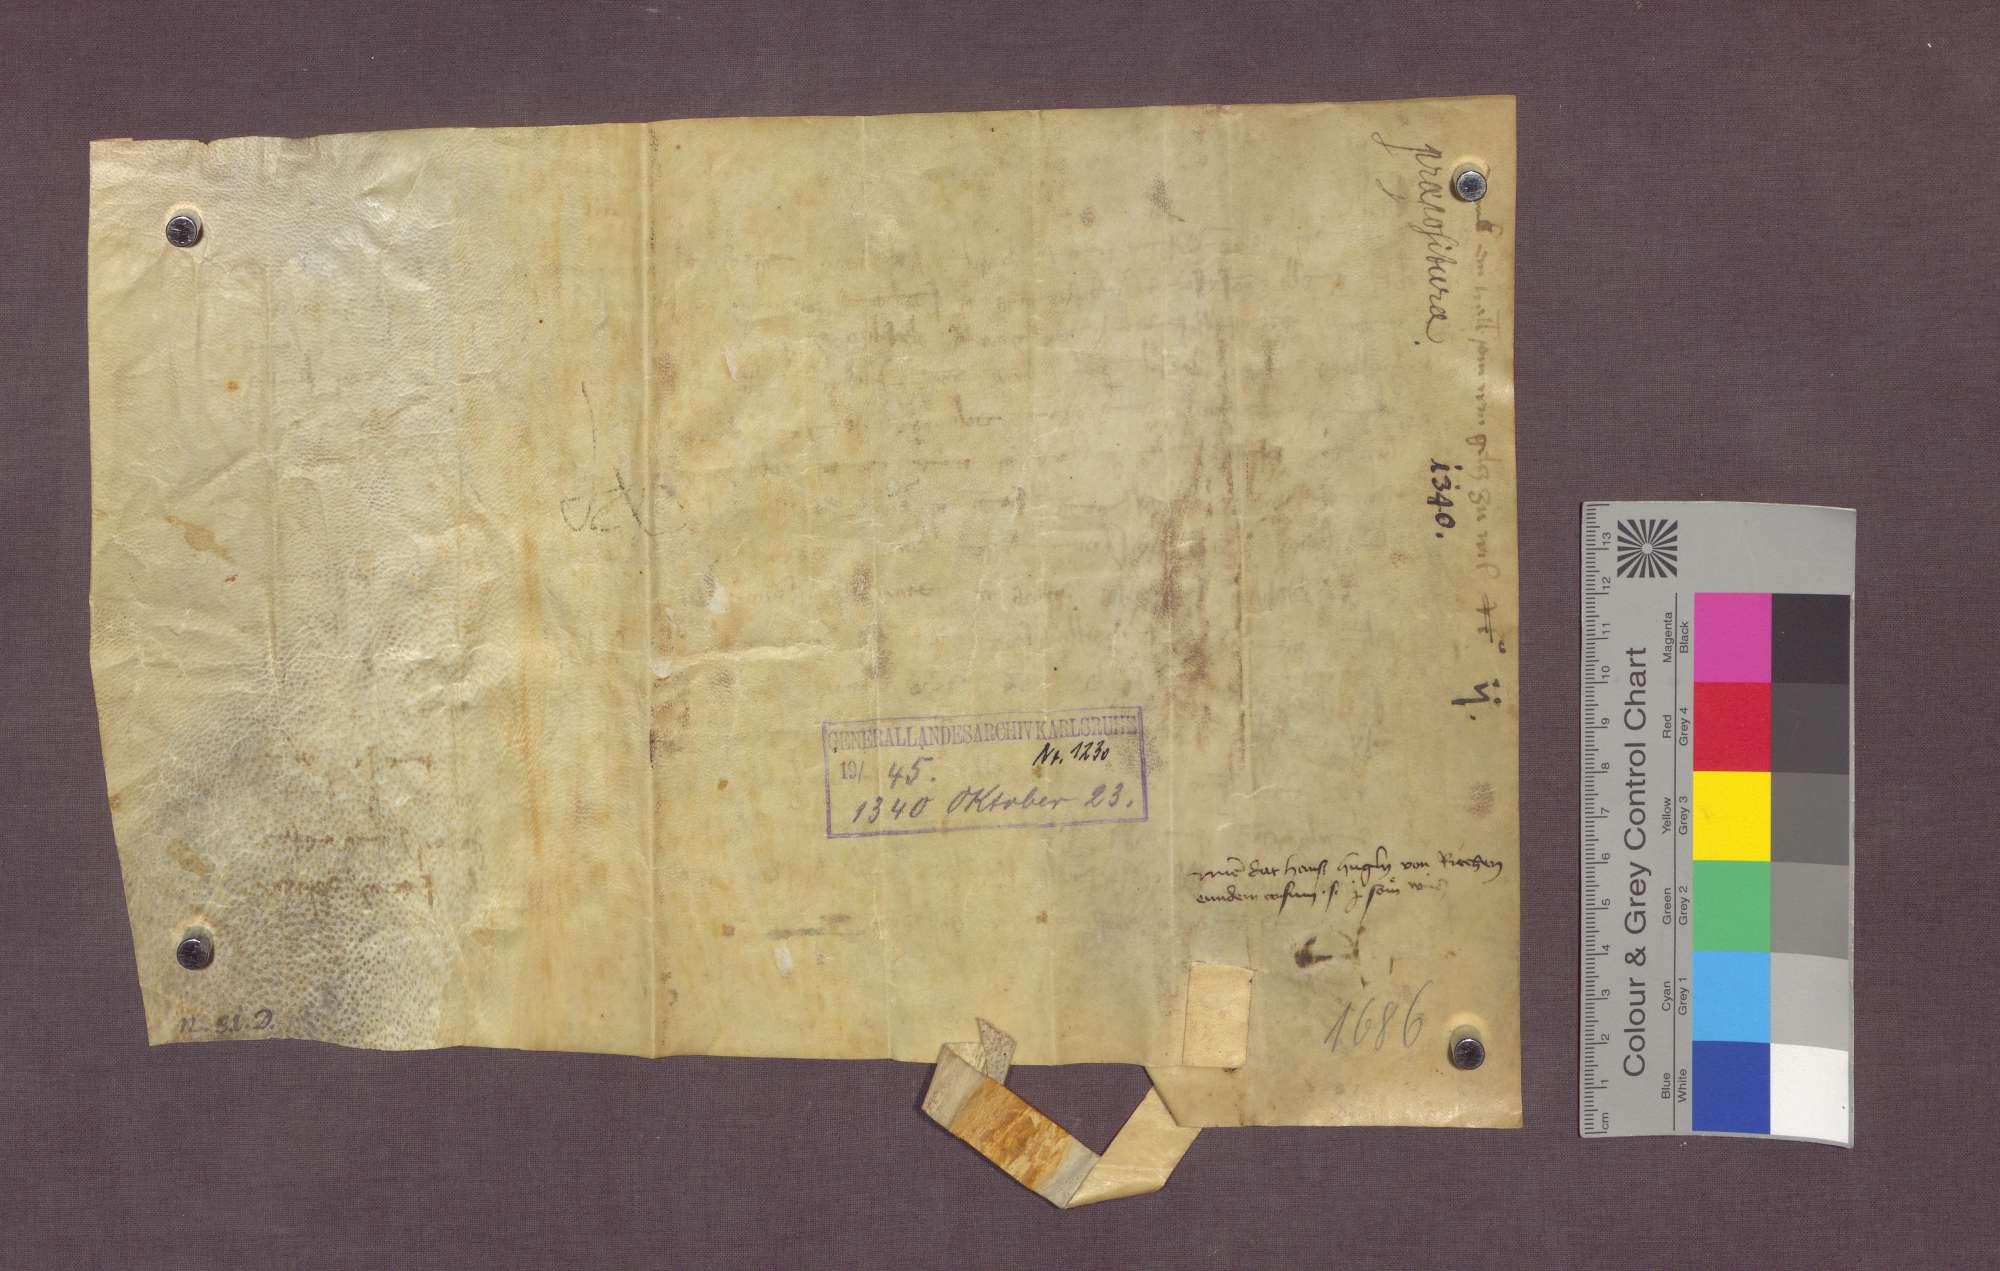 Gültverschreibung der Witwe Katharina Follestinkl von Kleinbasel gegenüber der Basler Dompropstei auf Gütern zu Weil., Bild 2